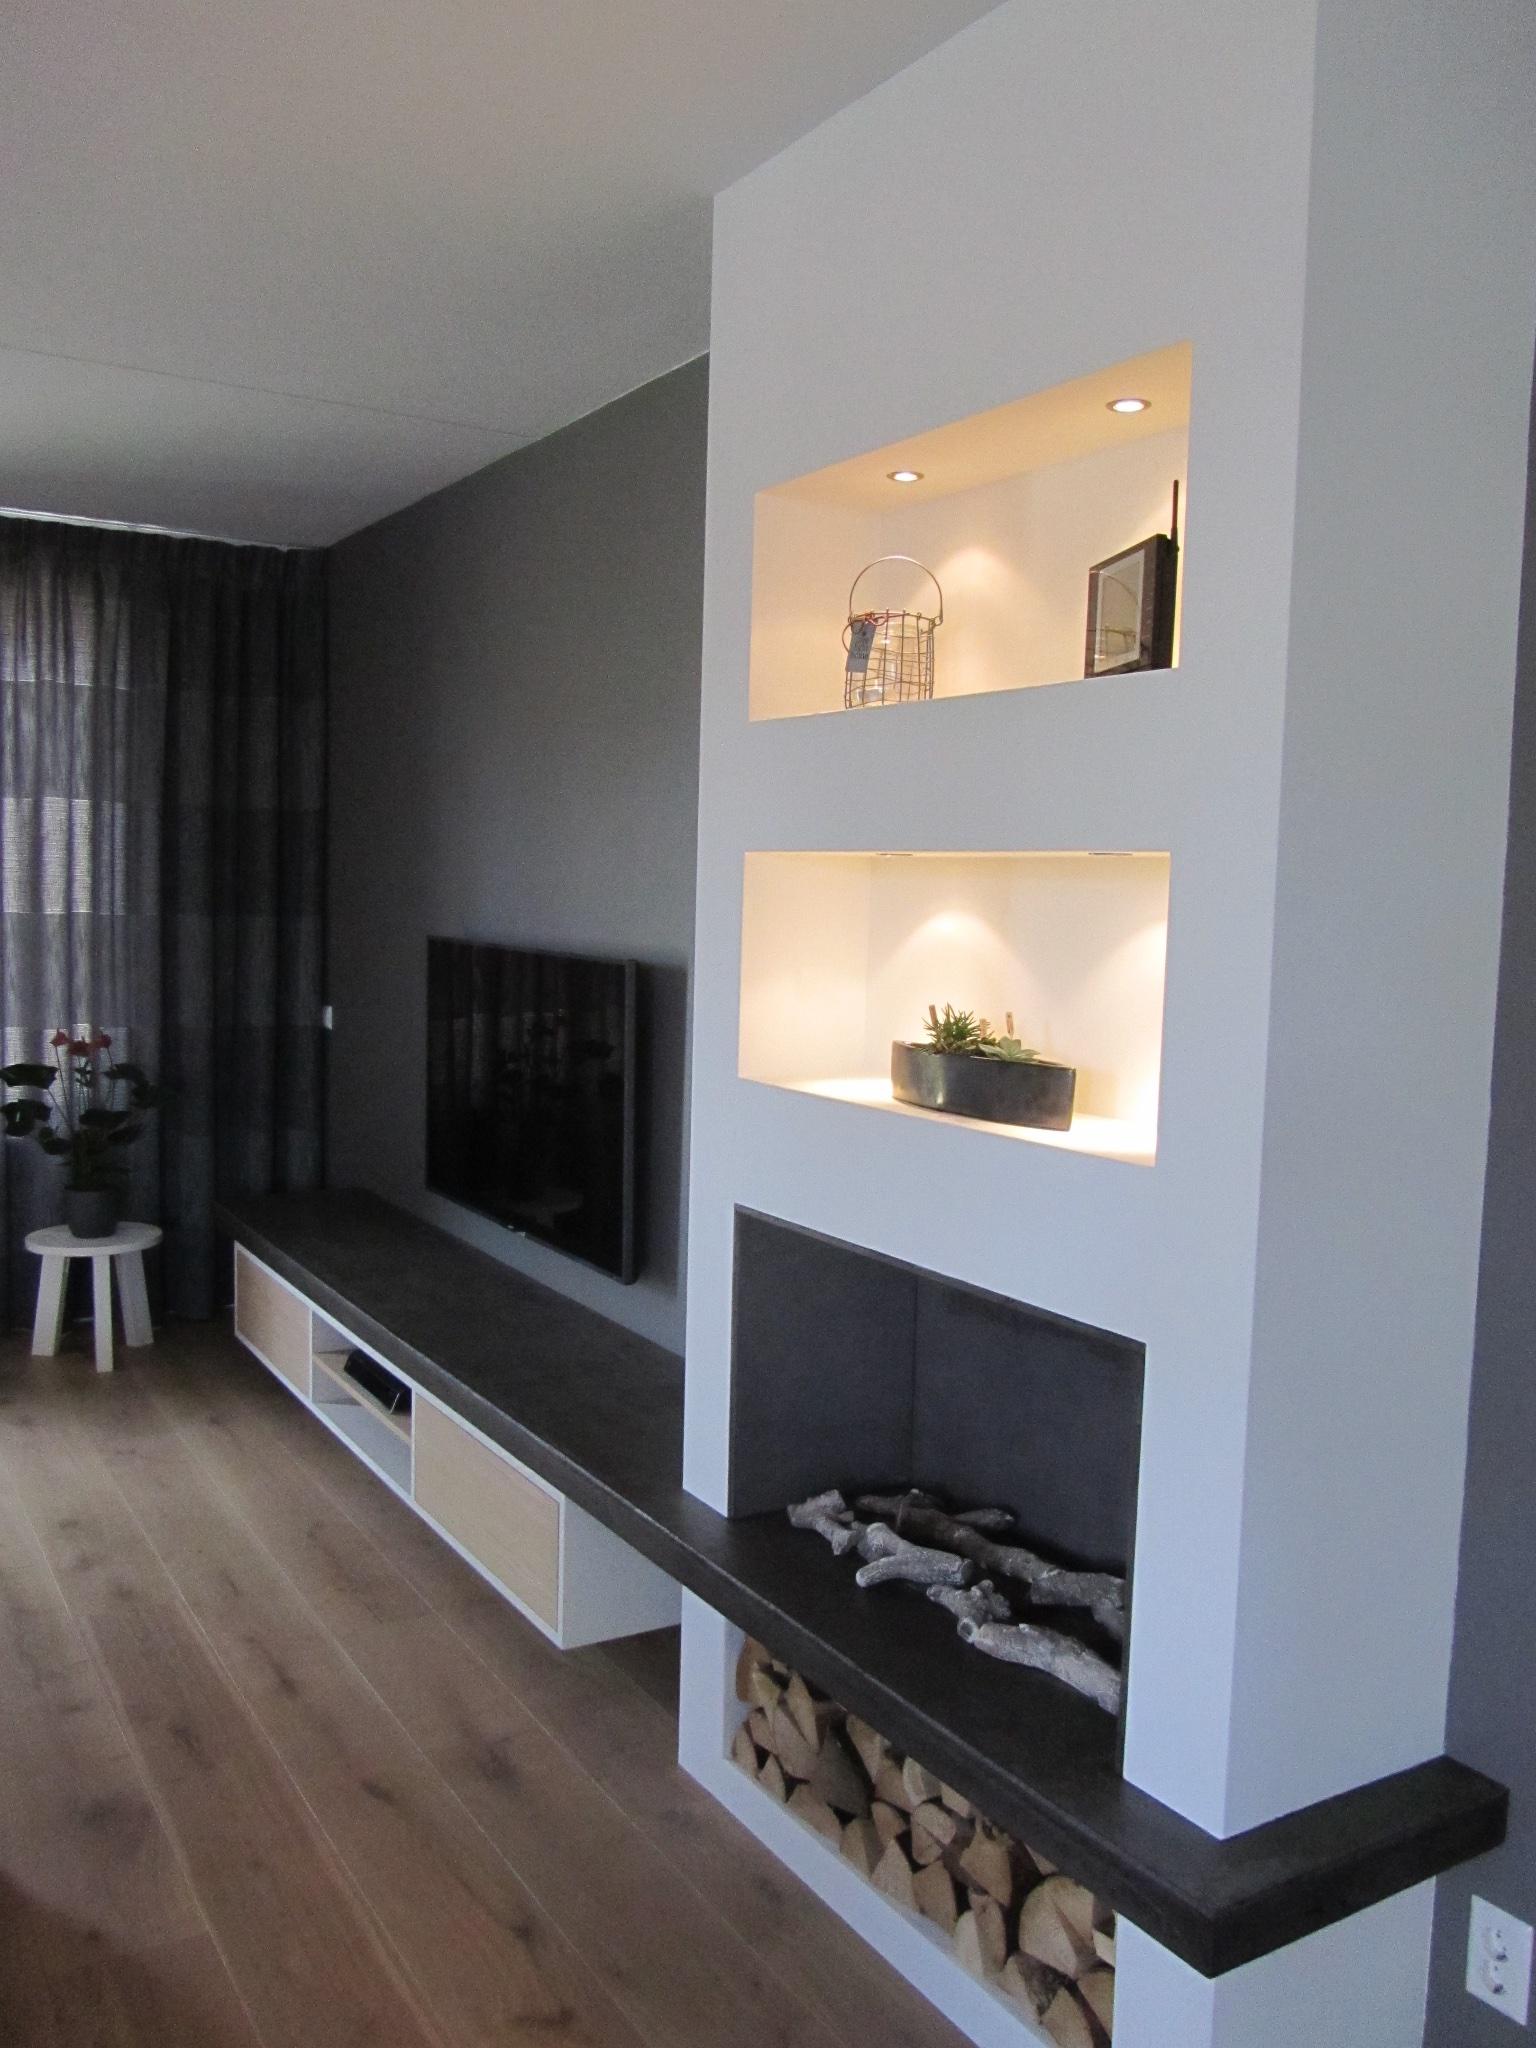 Tv Meubel Wand.Tv Meubel Inclusief Wand Met Vakken En Ruimte Voor Nep Haard